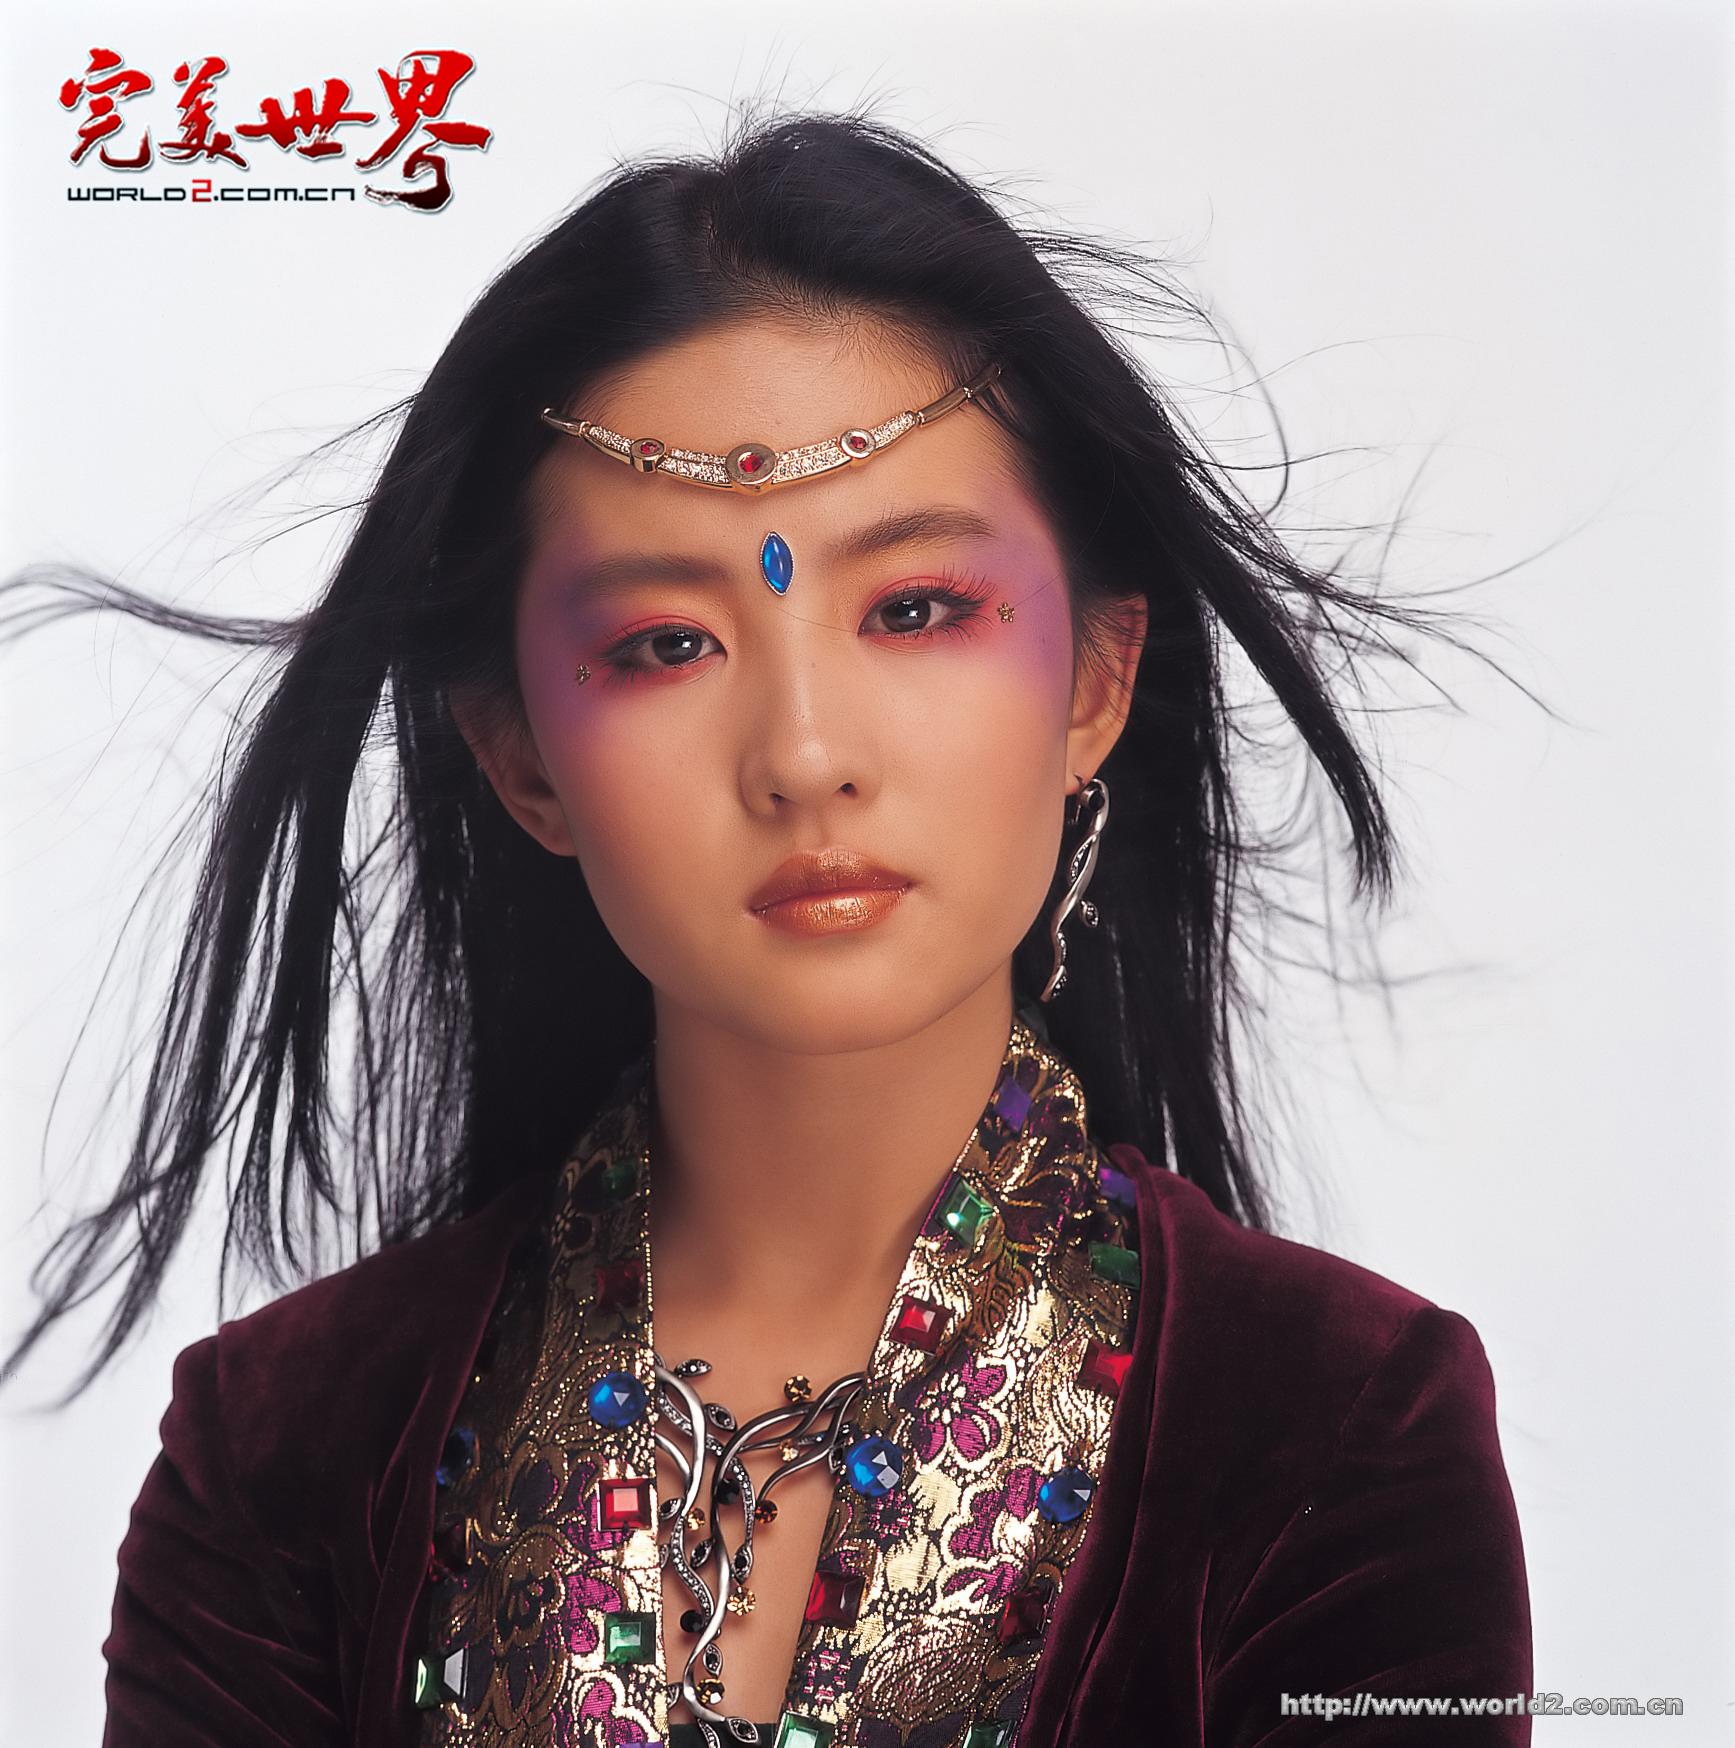 刘亦菲代言神话背景奇幻网游完美世界